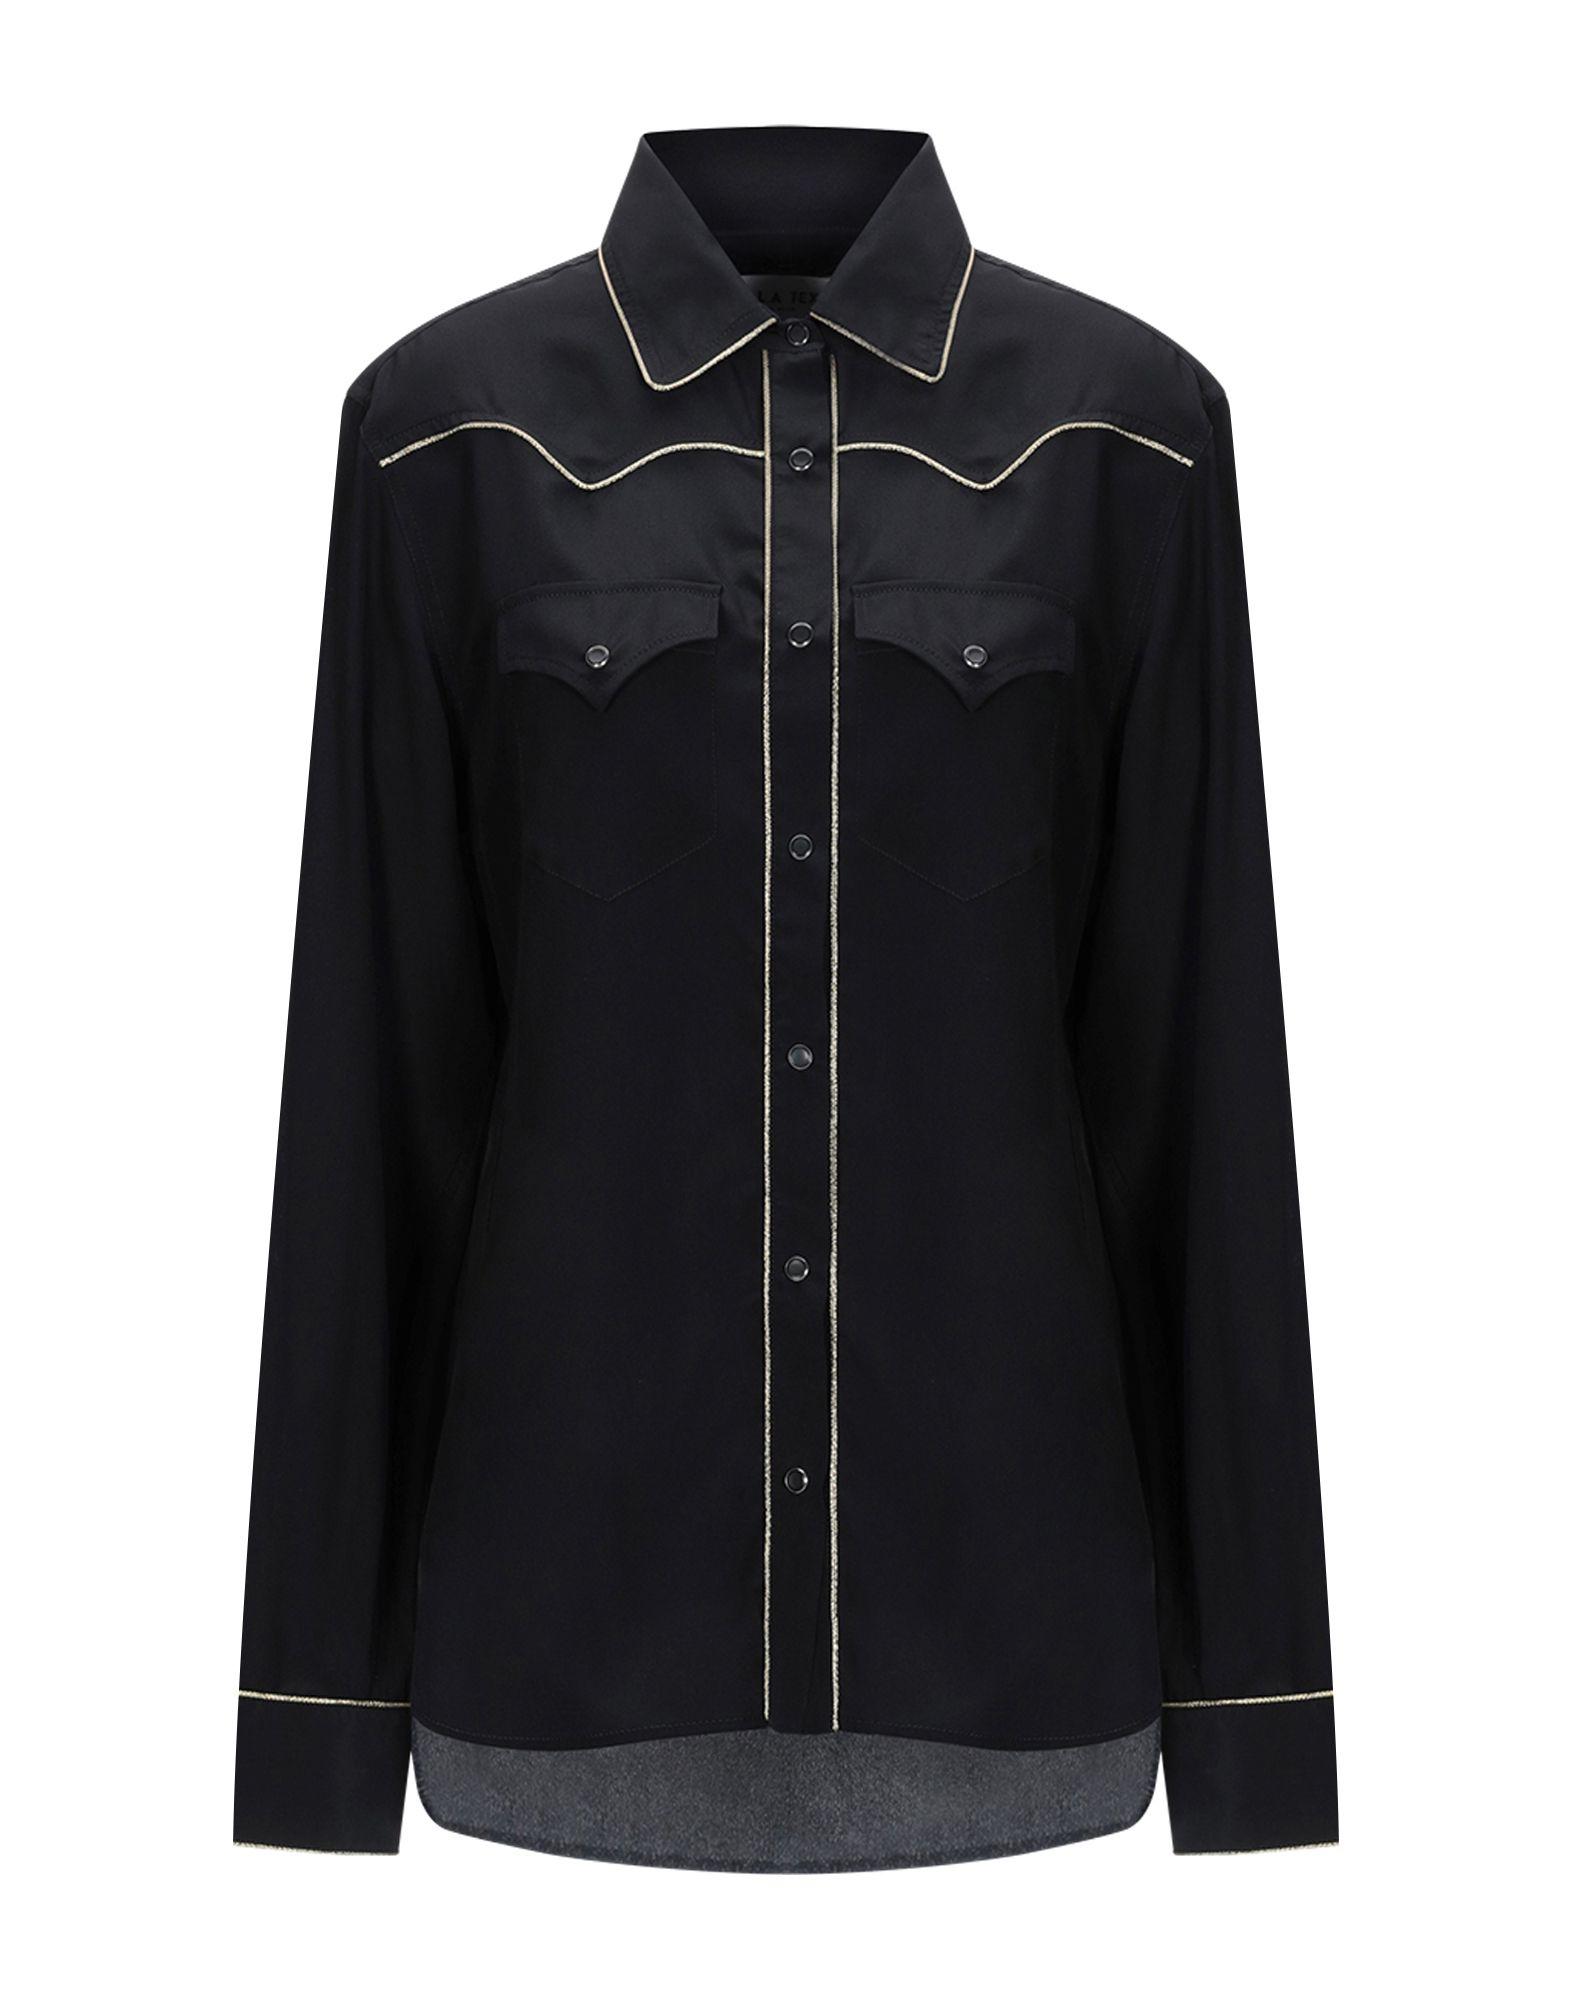 《期間限定セール中》L.A L.A TEX RANCH WEAR レディース シャツ ブラック III シルク 100%